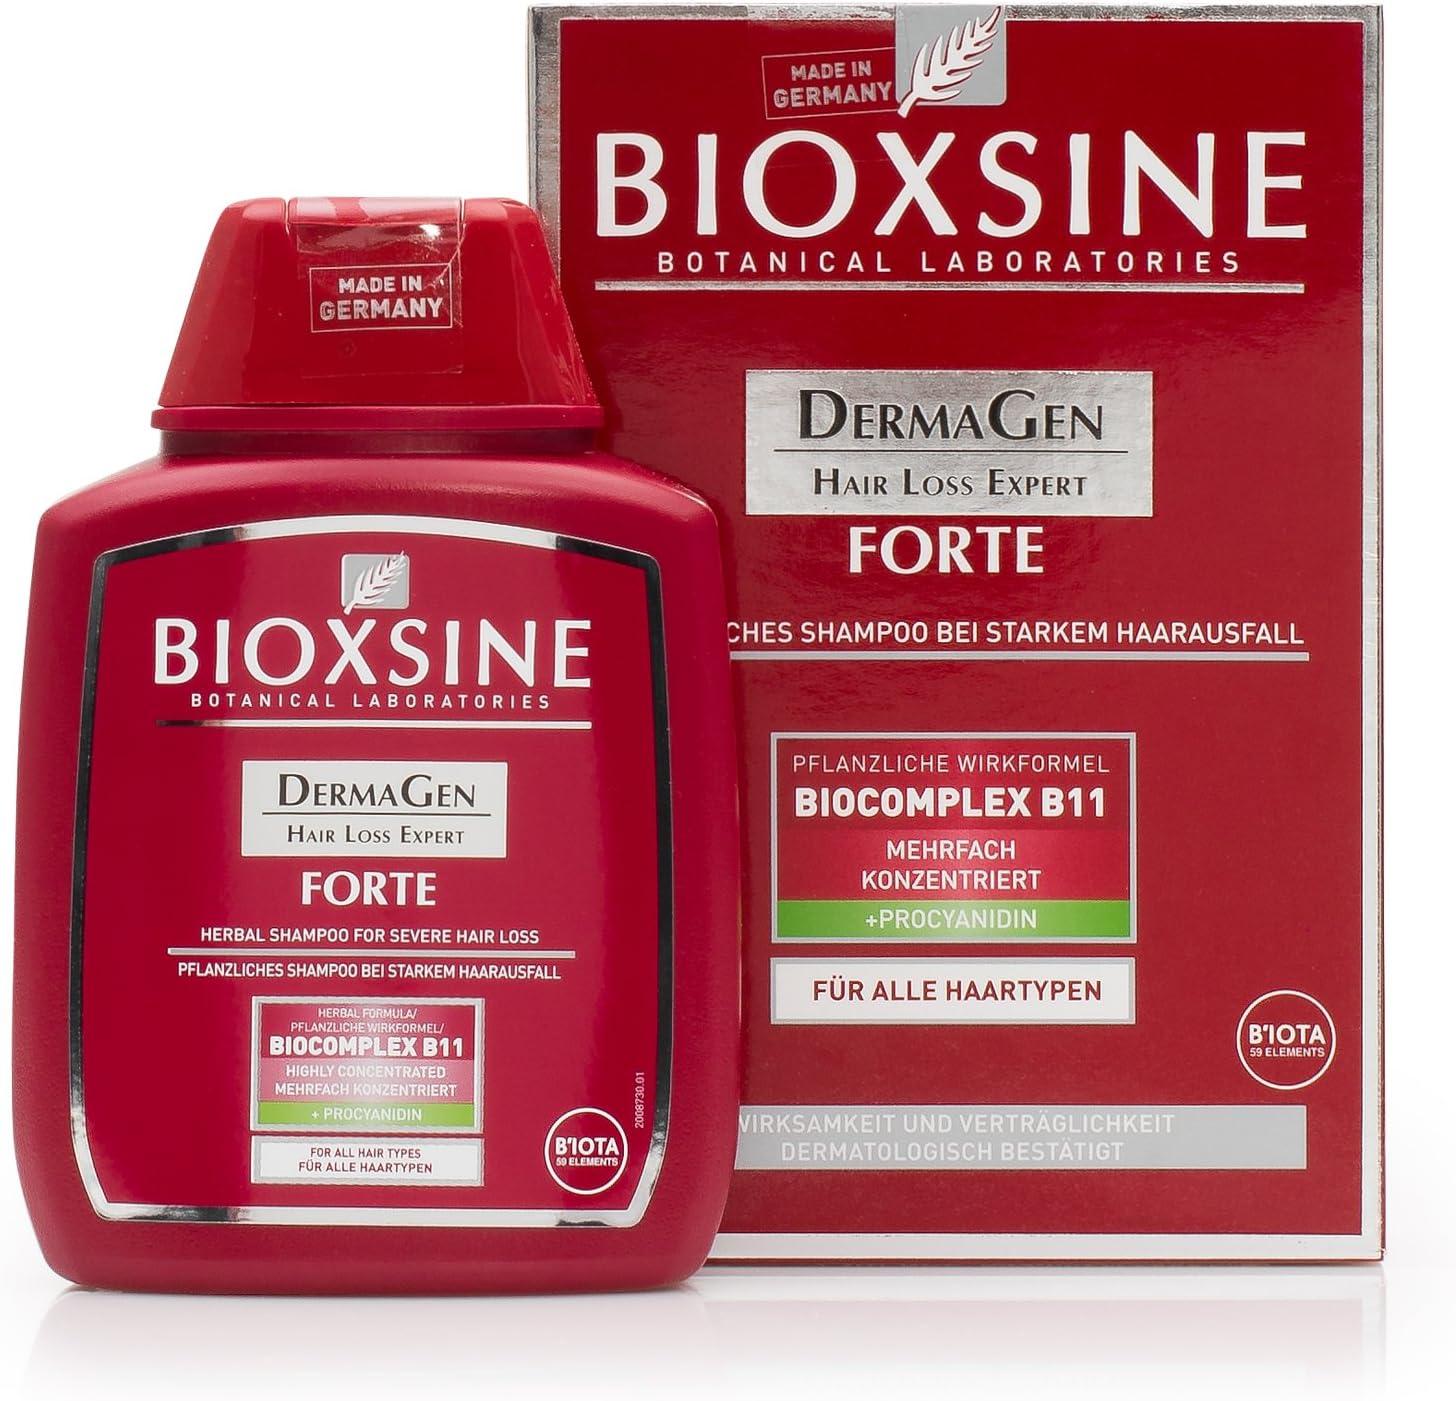 Forte Shampoo para la pérdida de cabello fuerte - para mujeres y hombres   con champú vegetal para acelerar el crecimiento del cabello   remedio para el crecimiento del cabello 300 ml   de Bioxsine